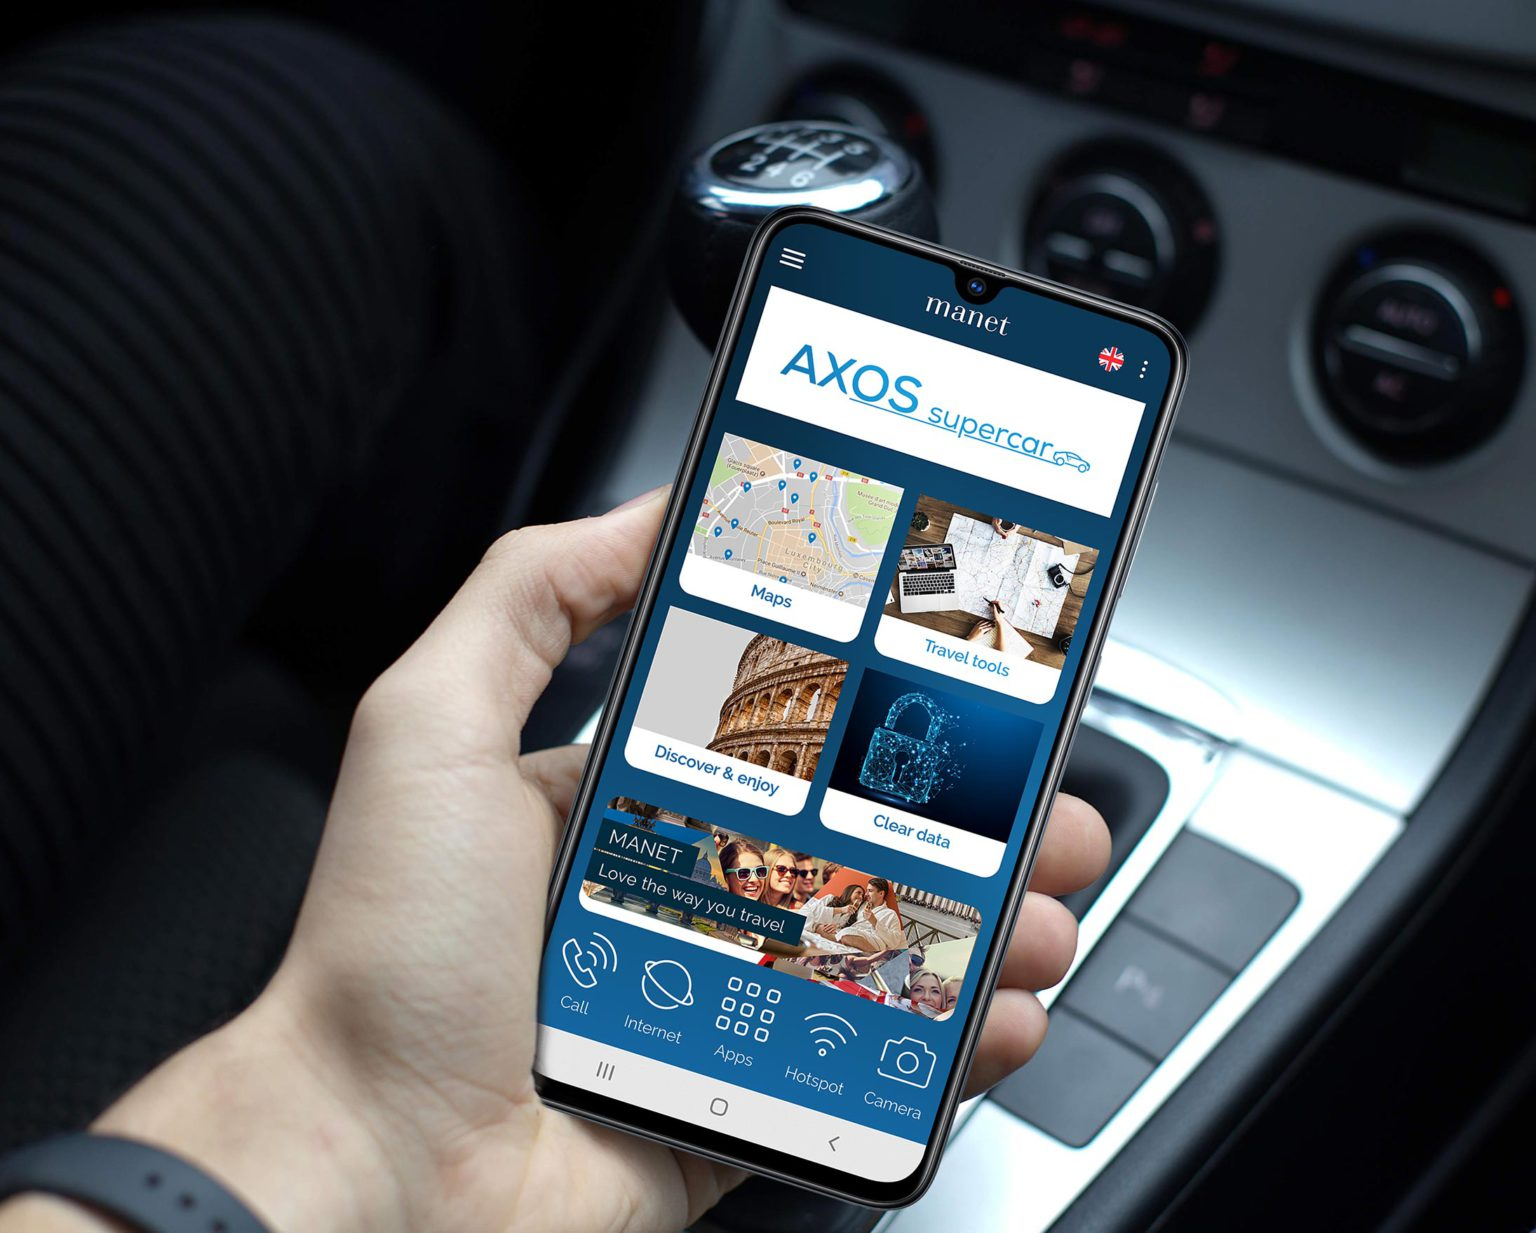 Manet mobile for car rentals